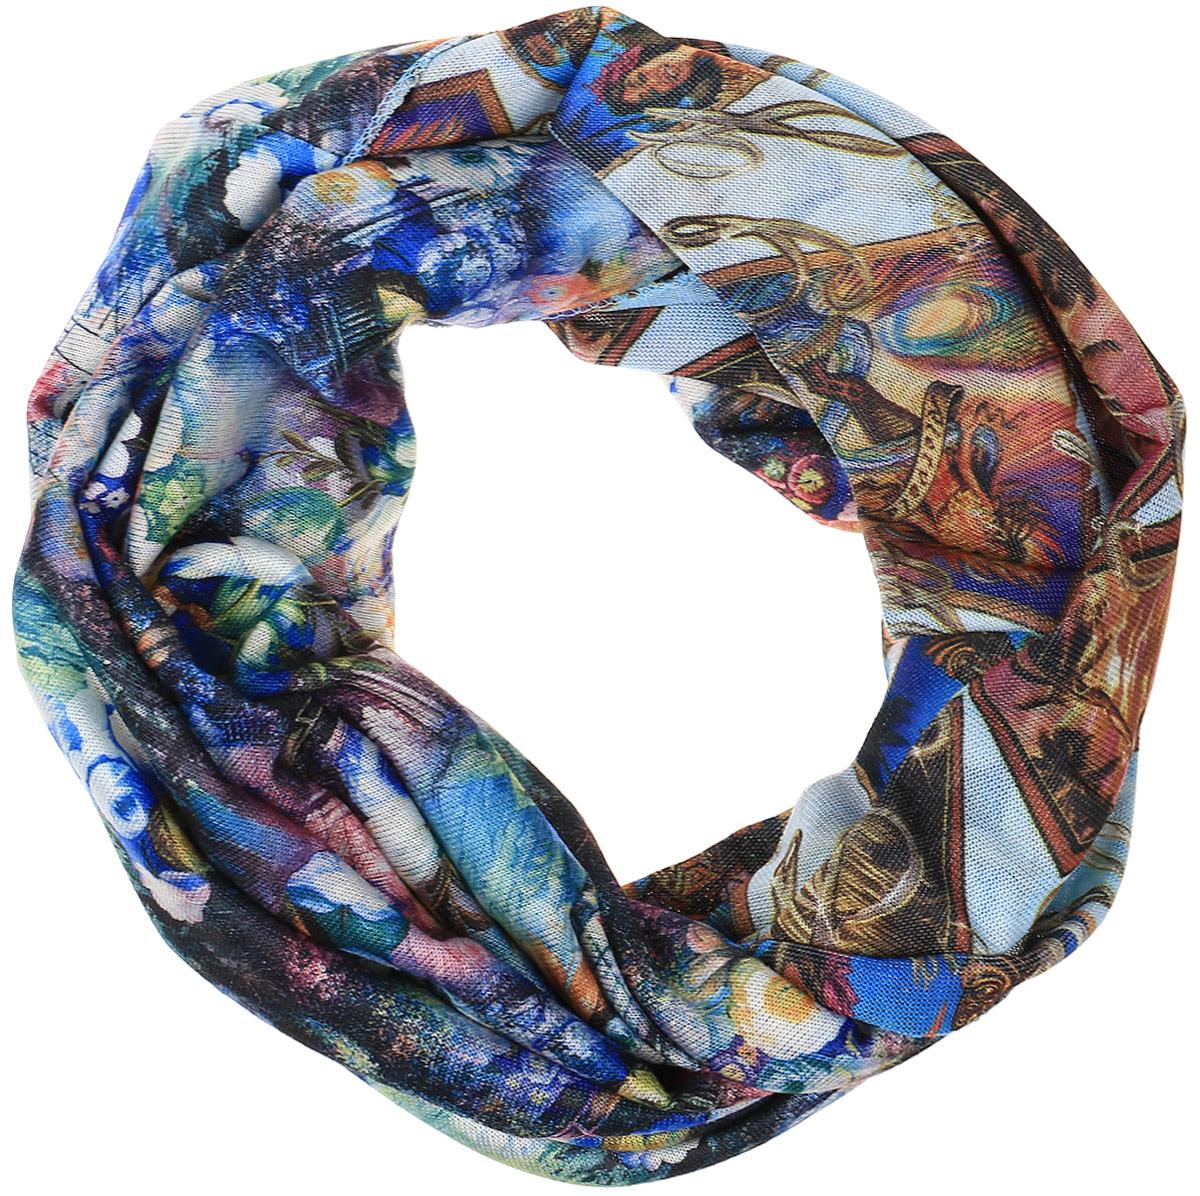 Снуд-хомутRo01R2359-A3757-1Легкий снуд-хомут от Vita Pelle выполнен из двустороннего трикотажного полотна и оформлен цветочным принтом. Кромка обработана оверлоком.